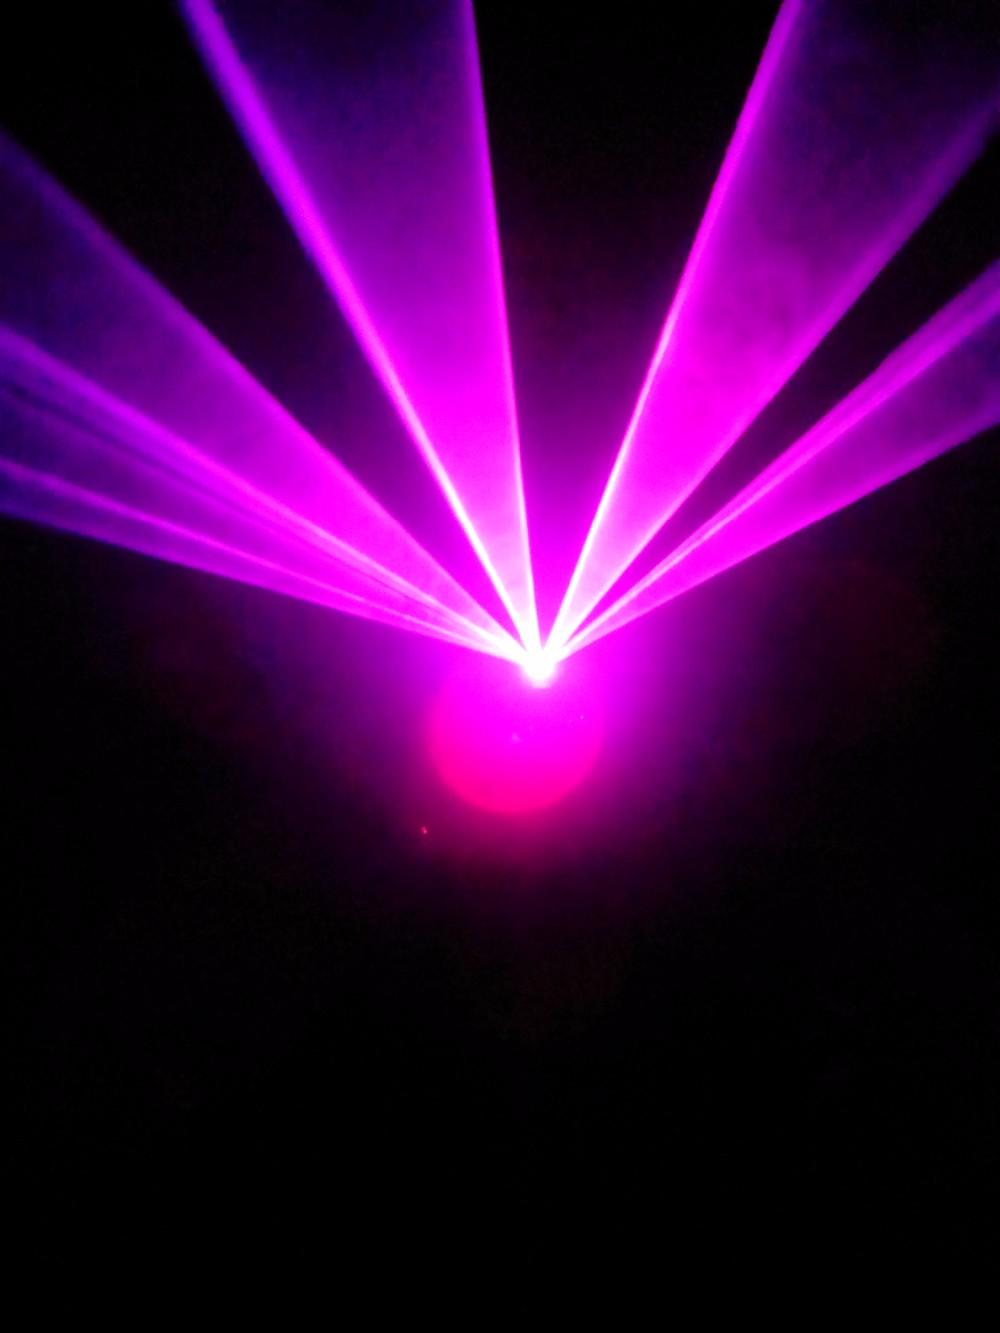 Купить Раша горячая распродажа 300 МВт выросли + фиолетовый многоцветный SD карта анимация лазерный луч, Диско лазерное шоу для бара событие ну вечеринку